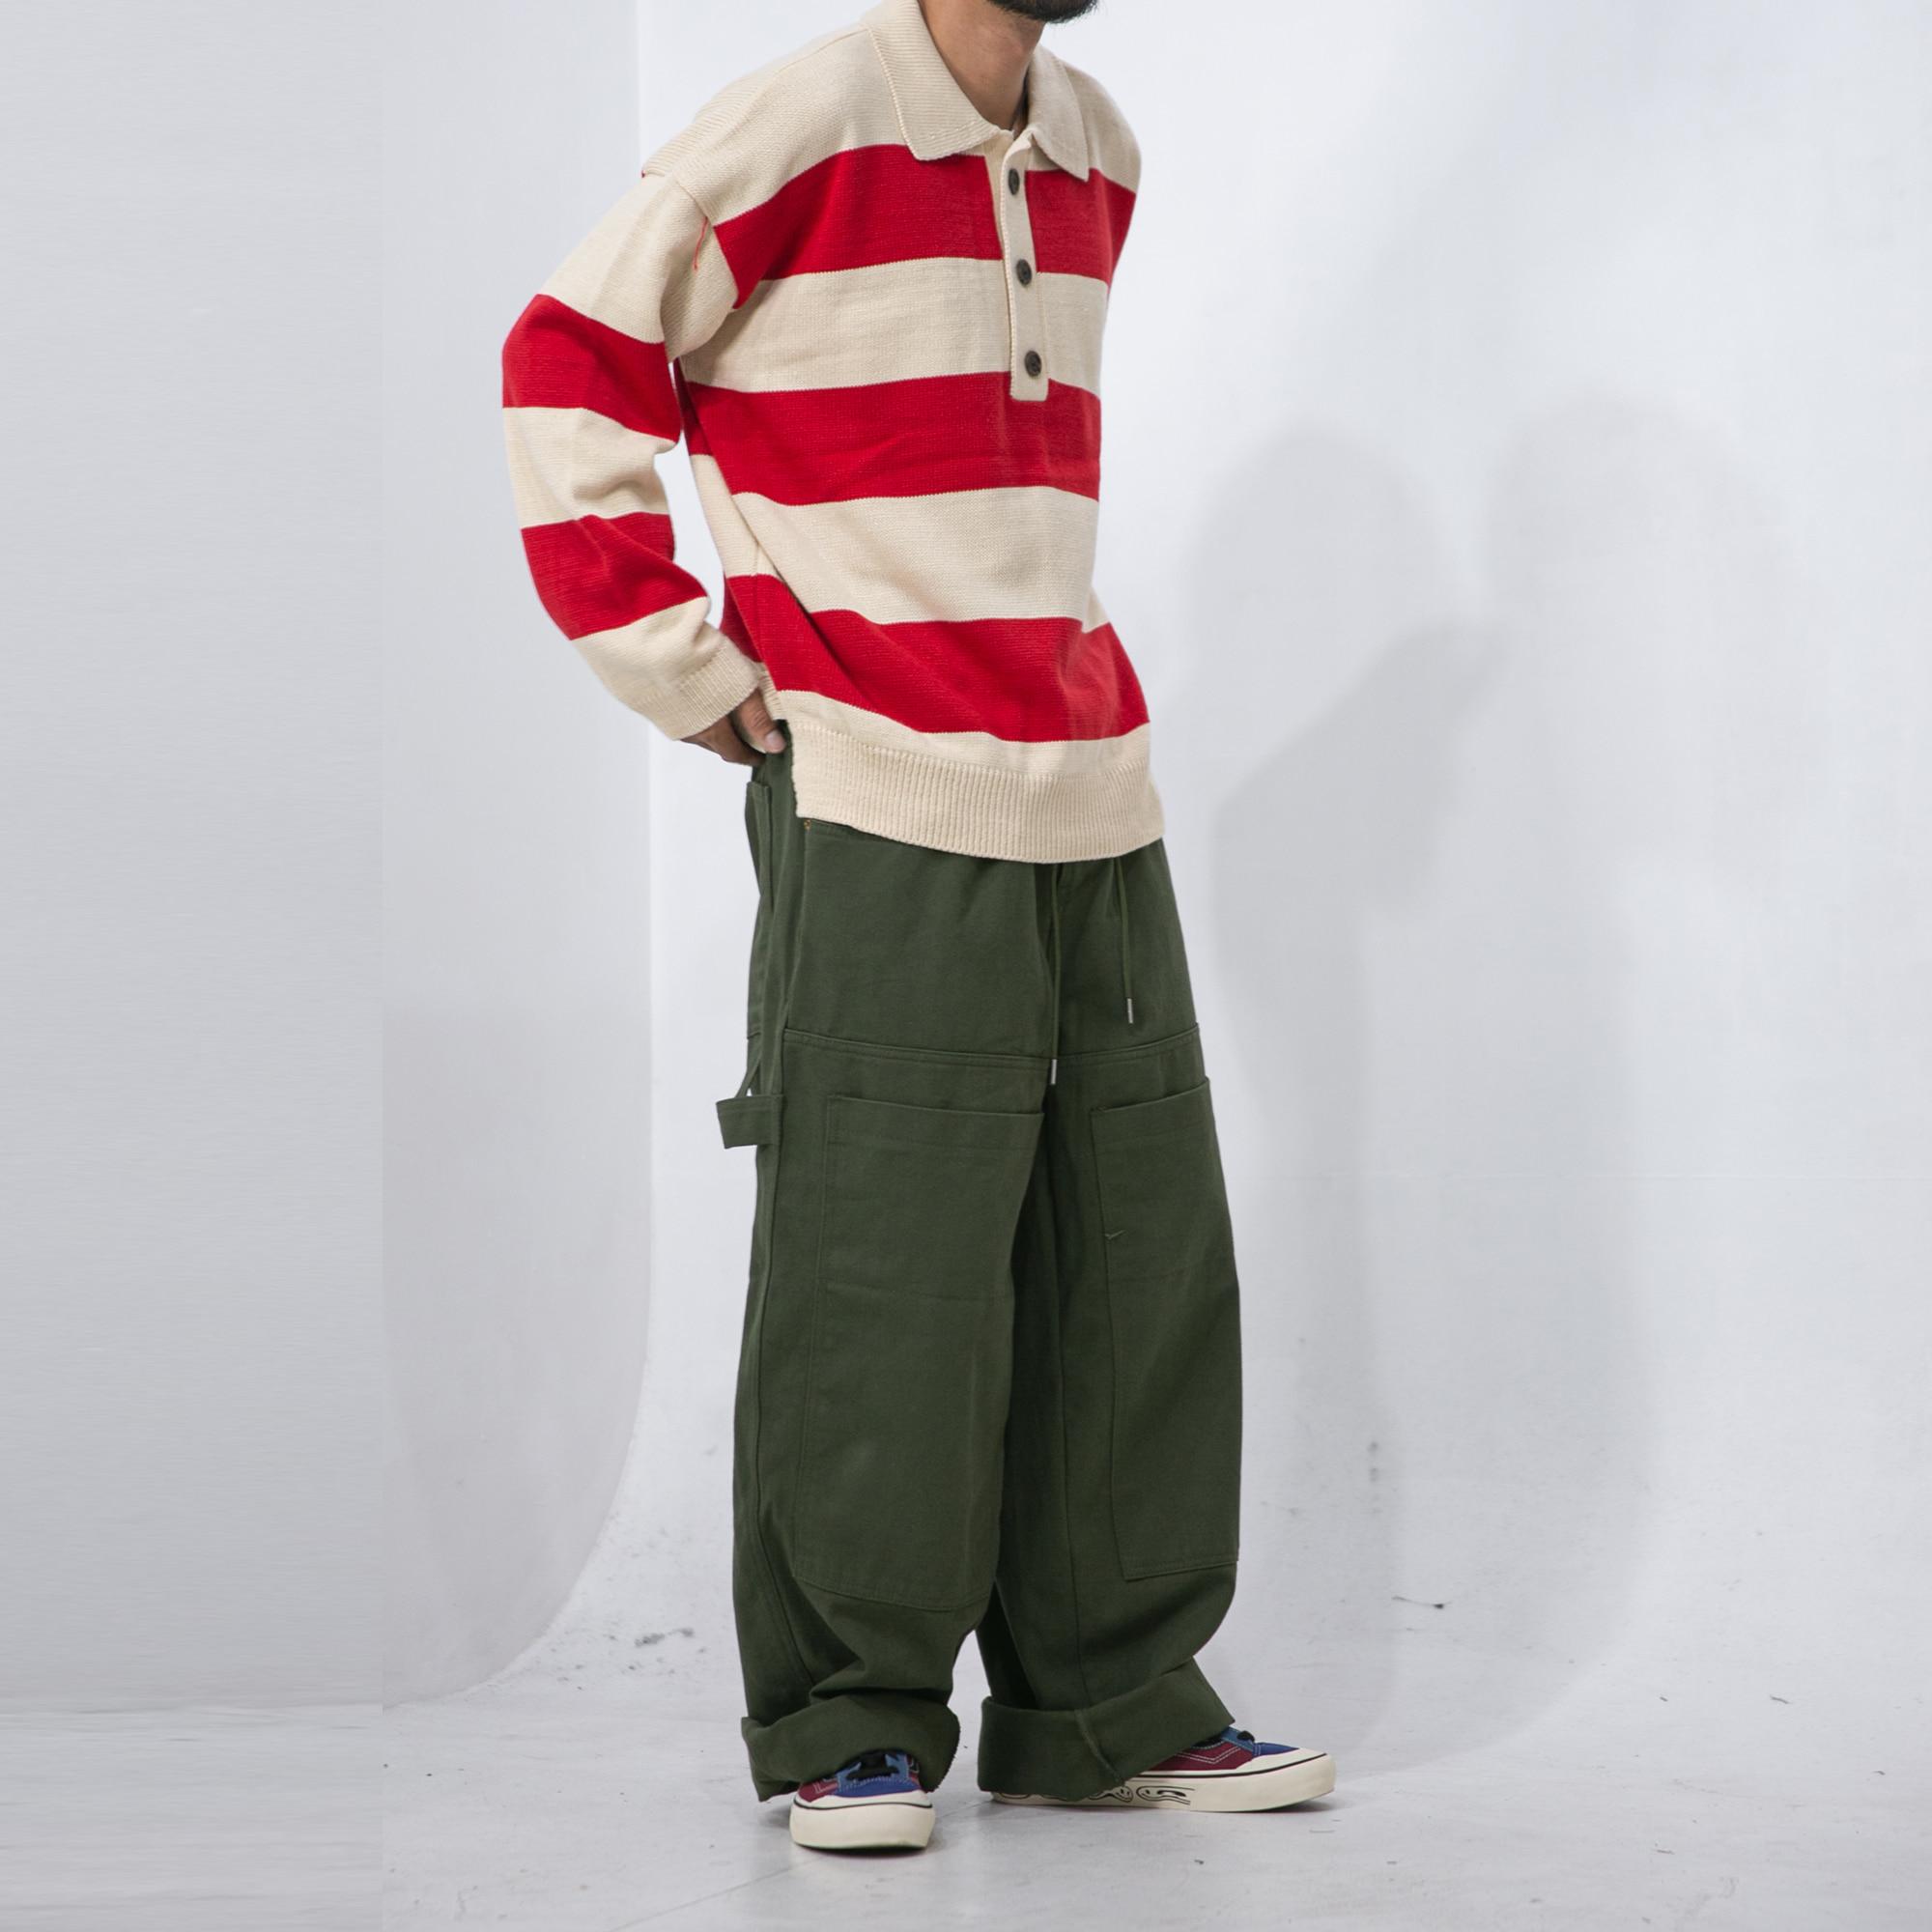 Cotton Wide Painter Work Pants - Khaki